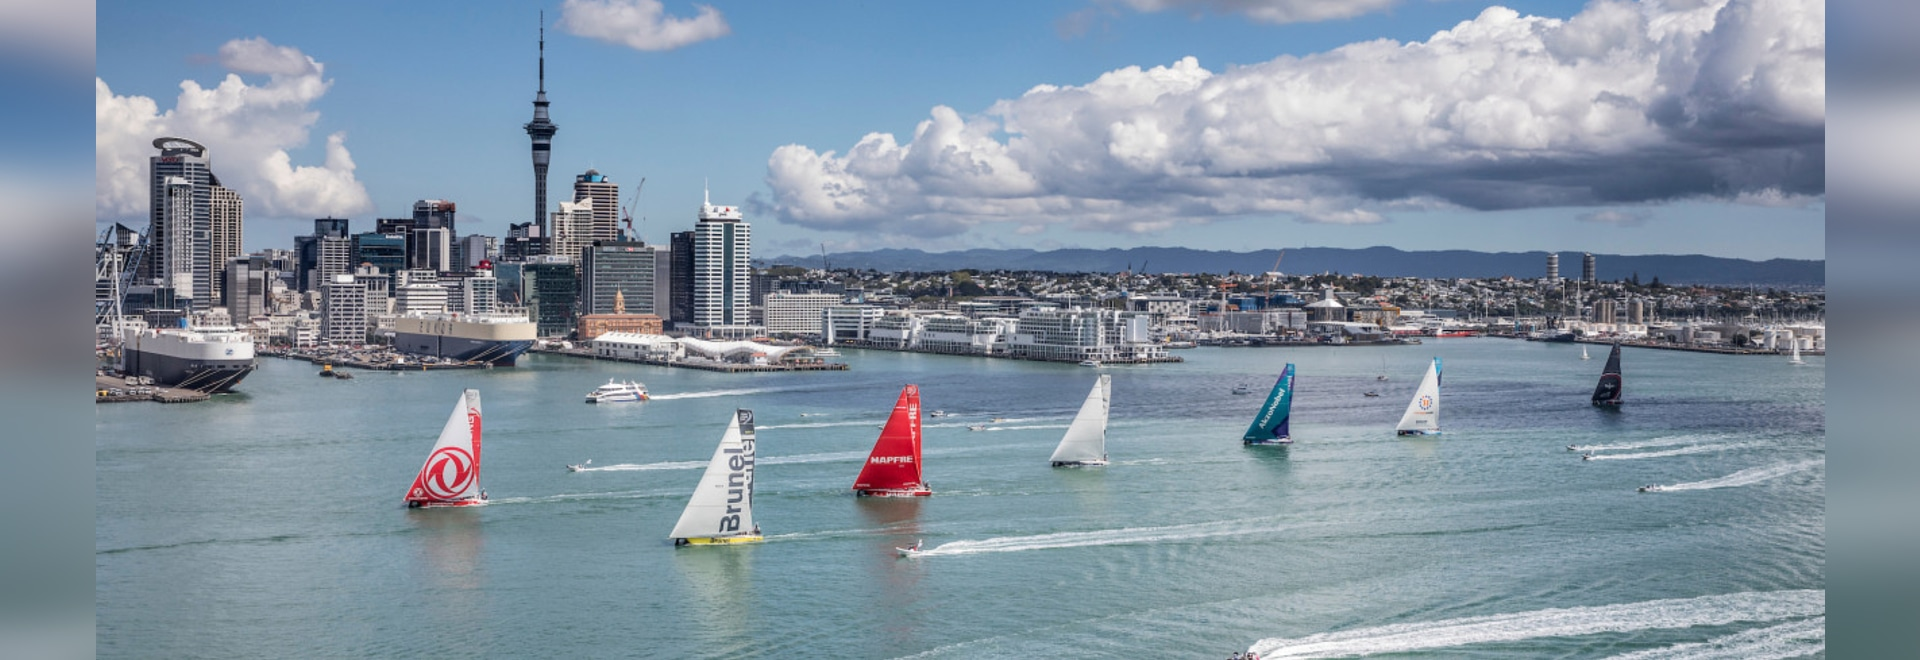 Die Ocean Race bestätigt ihre Rückkehr nach Auckland